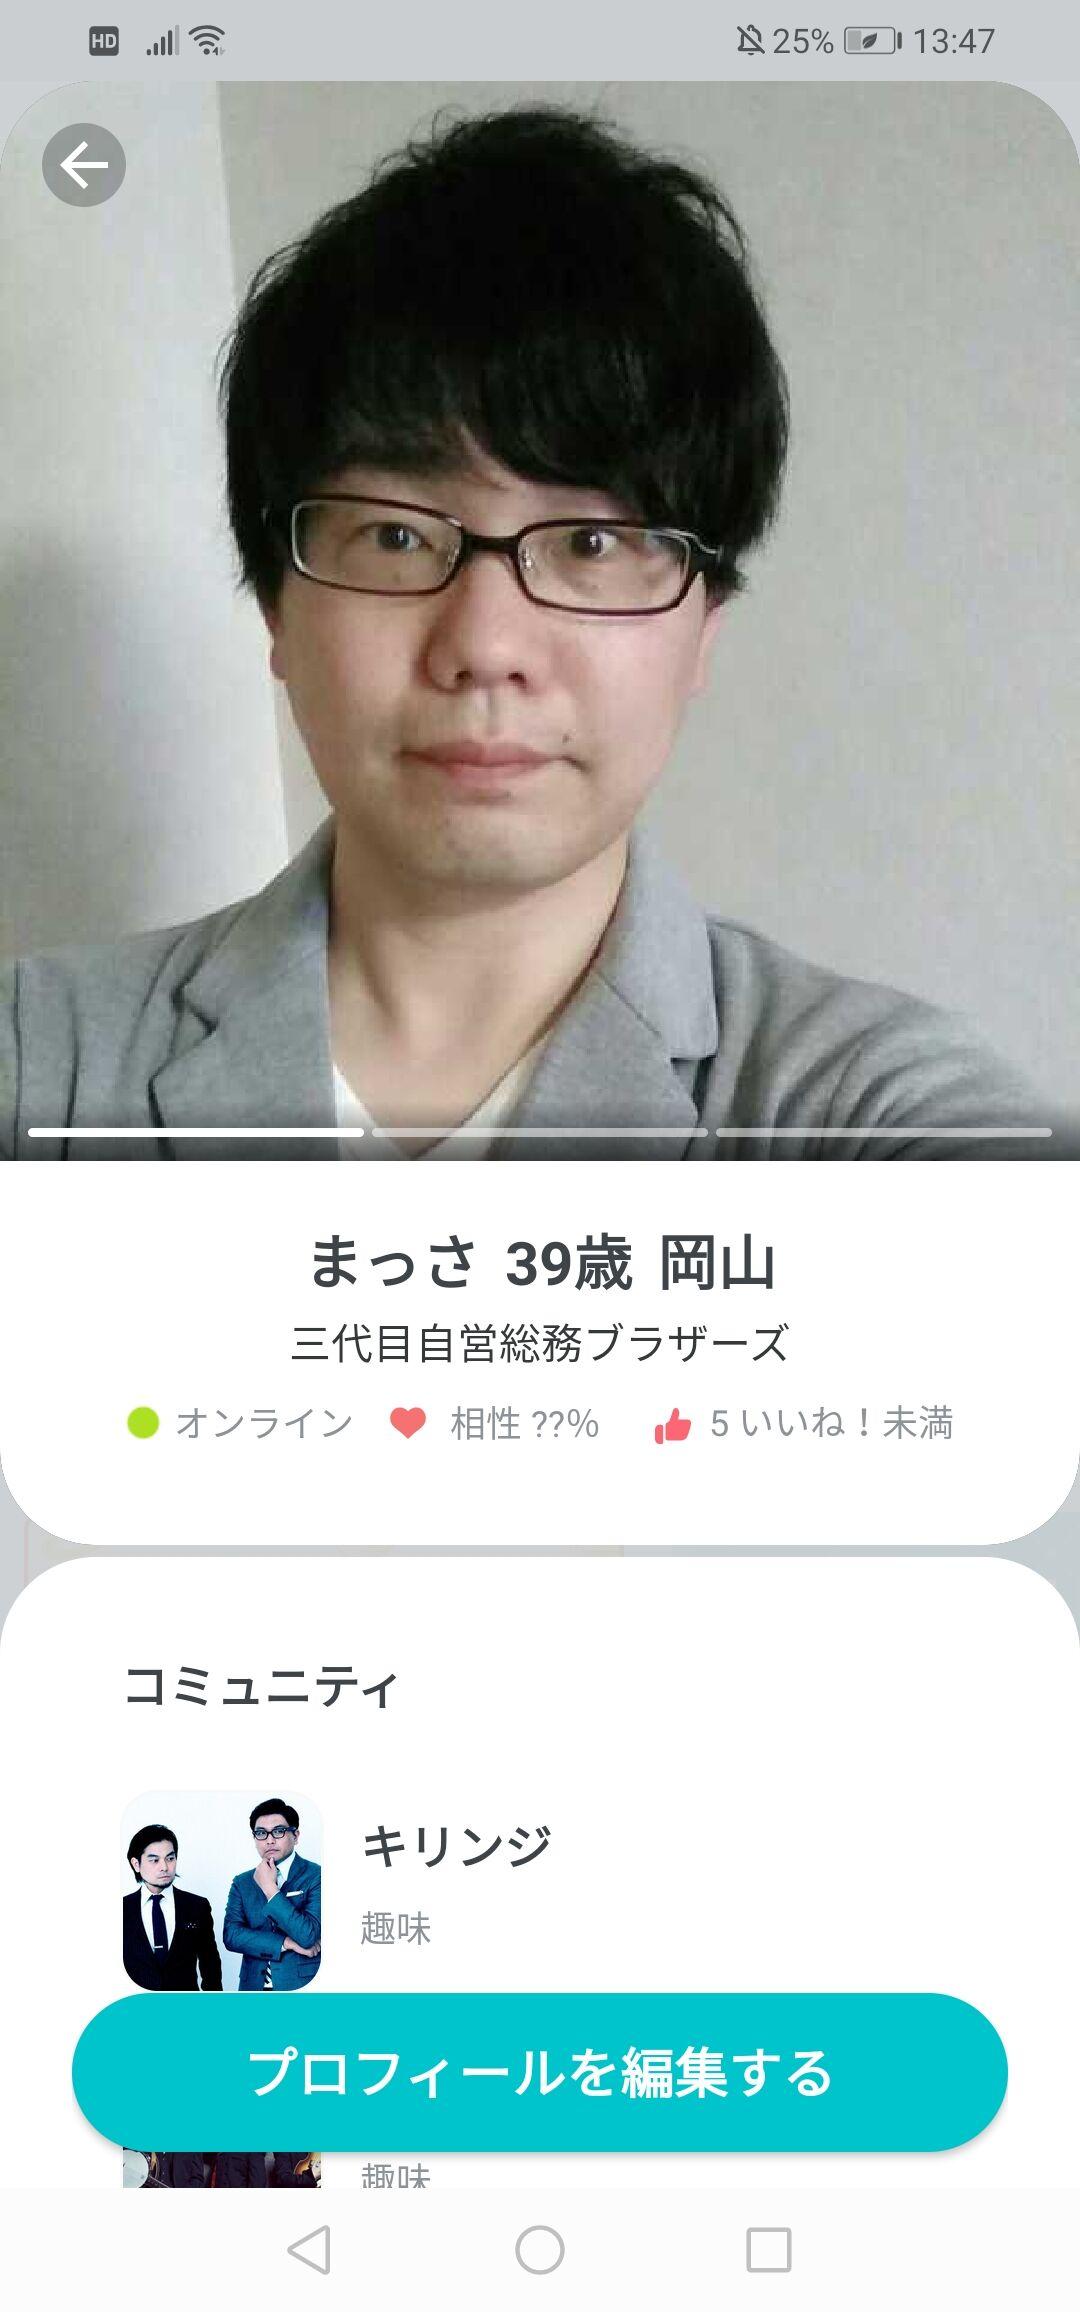 マッチング アプリ 写真